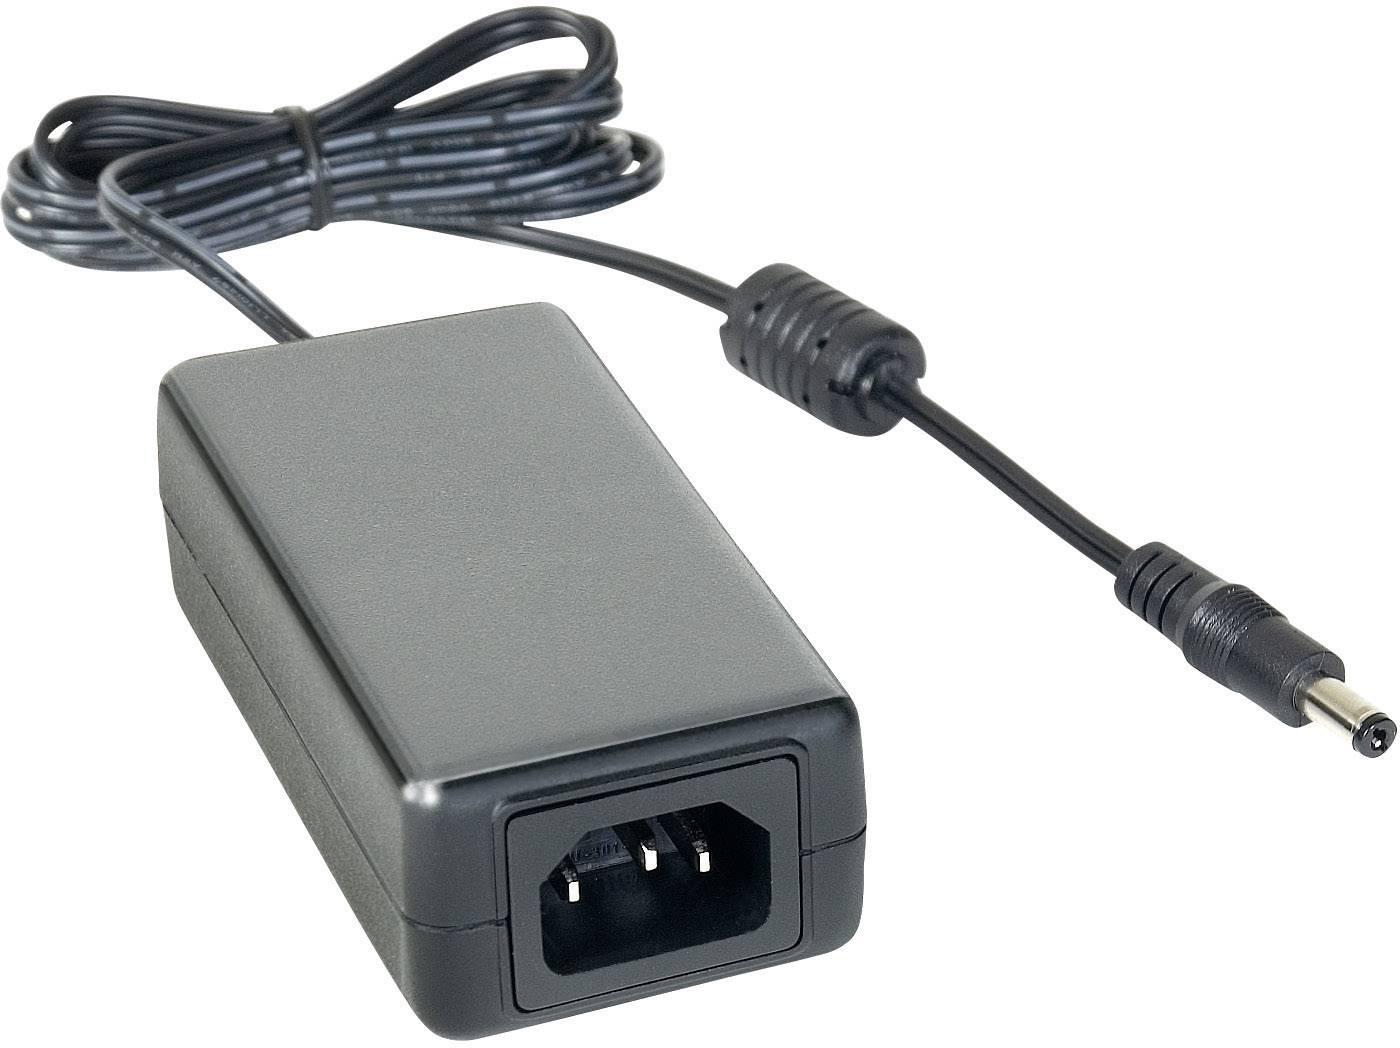 Síťový adaptér Dehner Elektronik 26496, 12 V/DC, 2,5 A